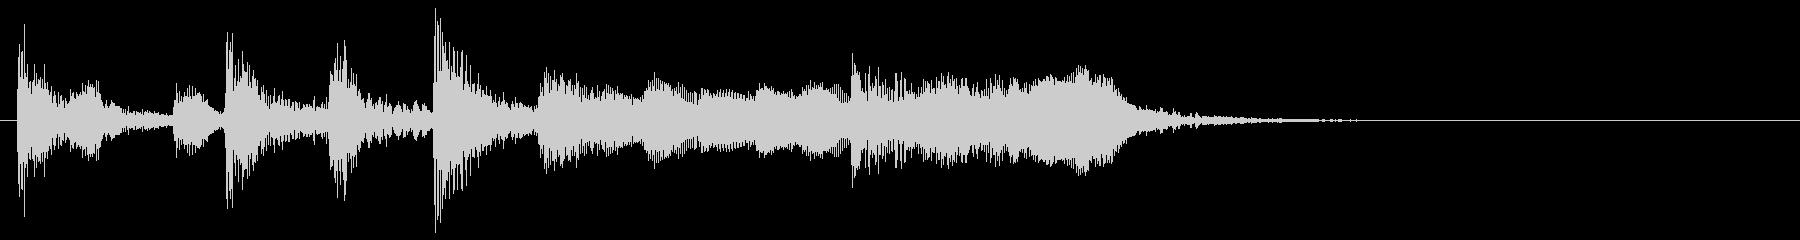 演歌な ジングル アイキャッチ 4の未再生の波形